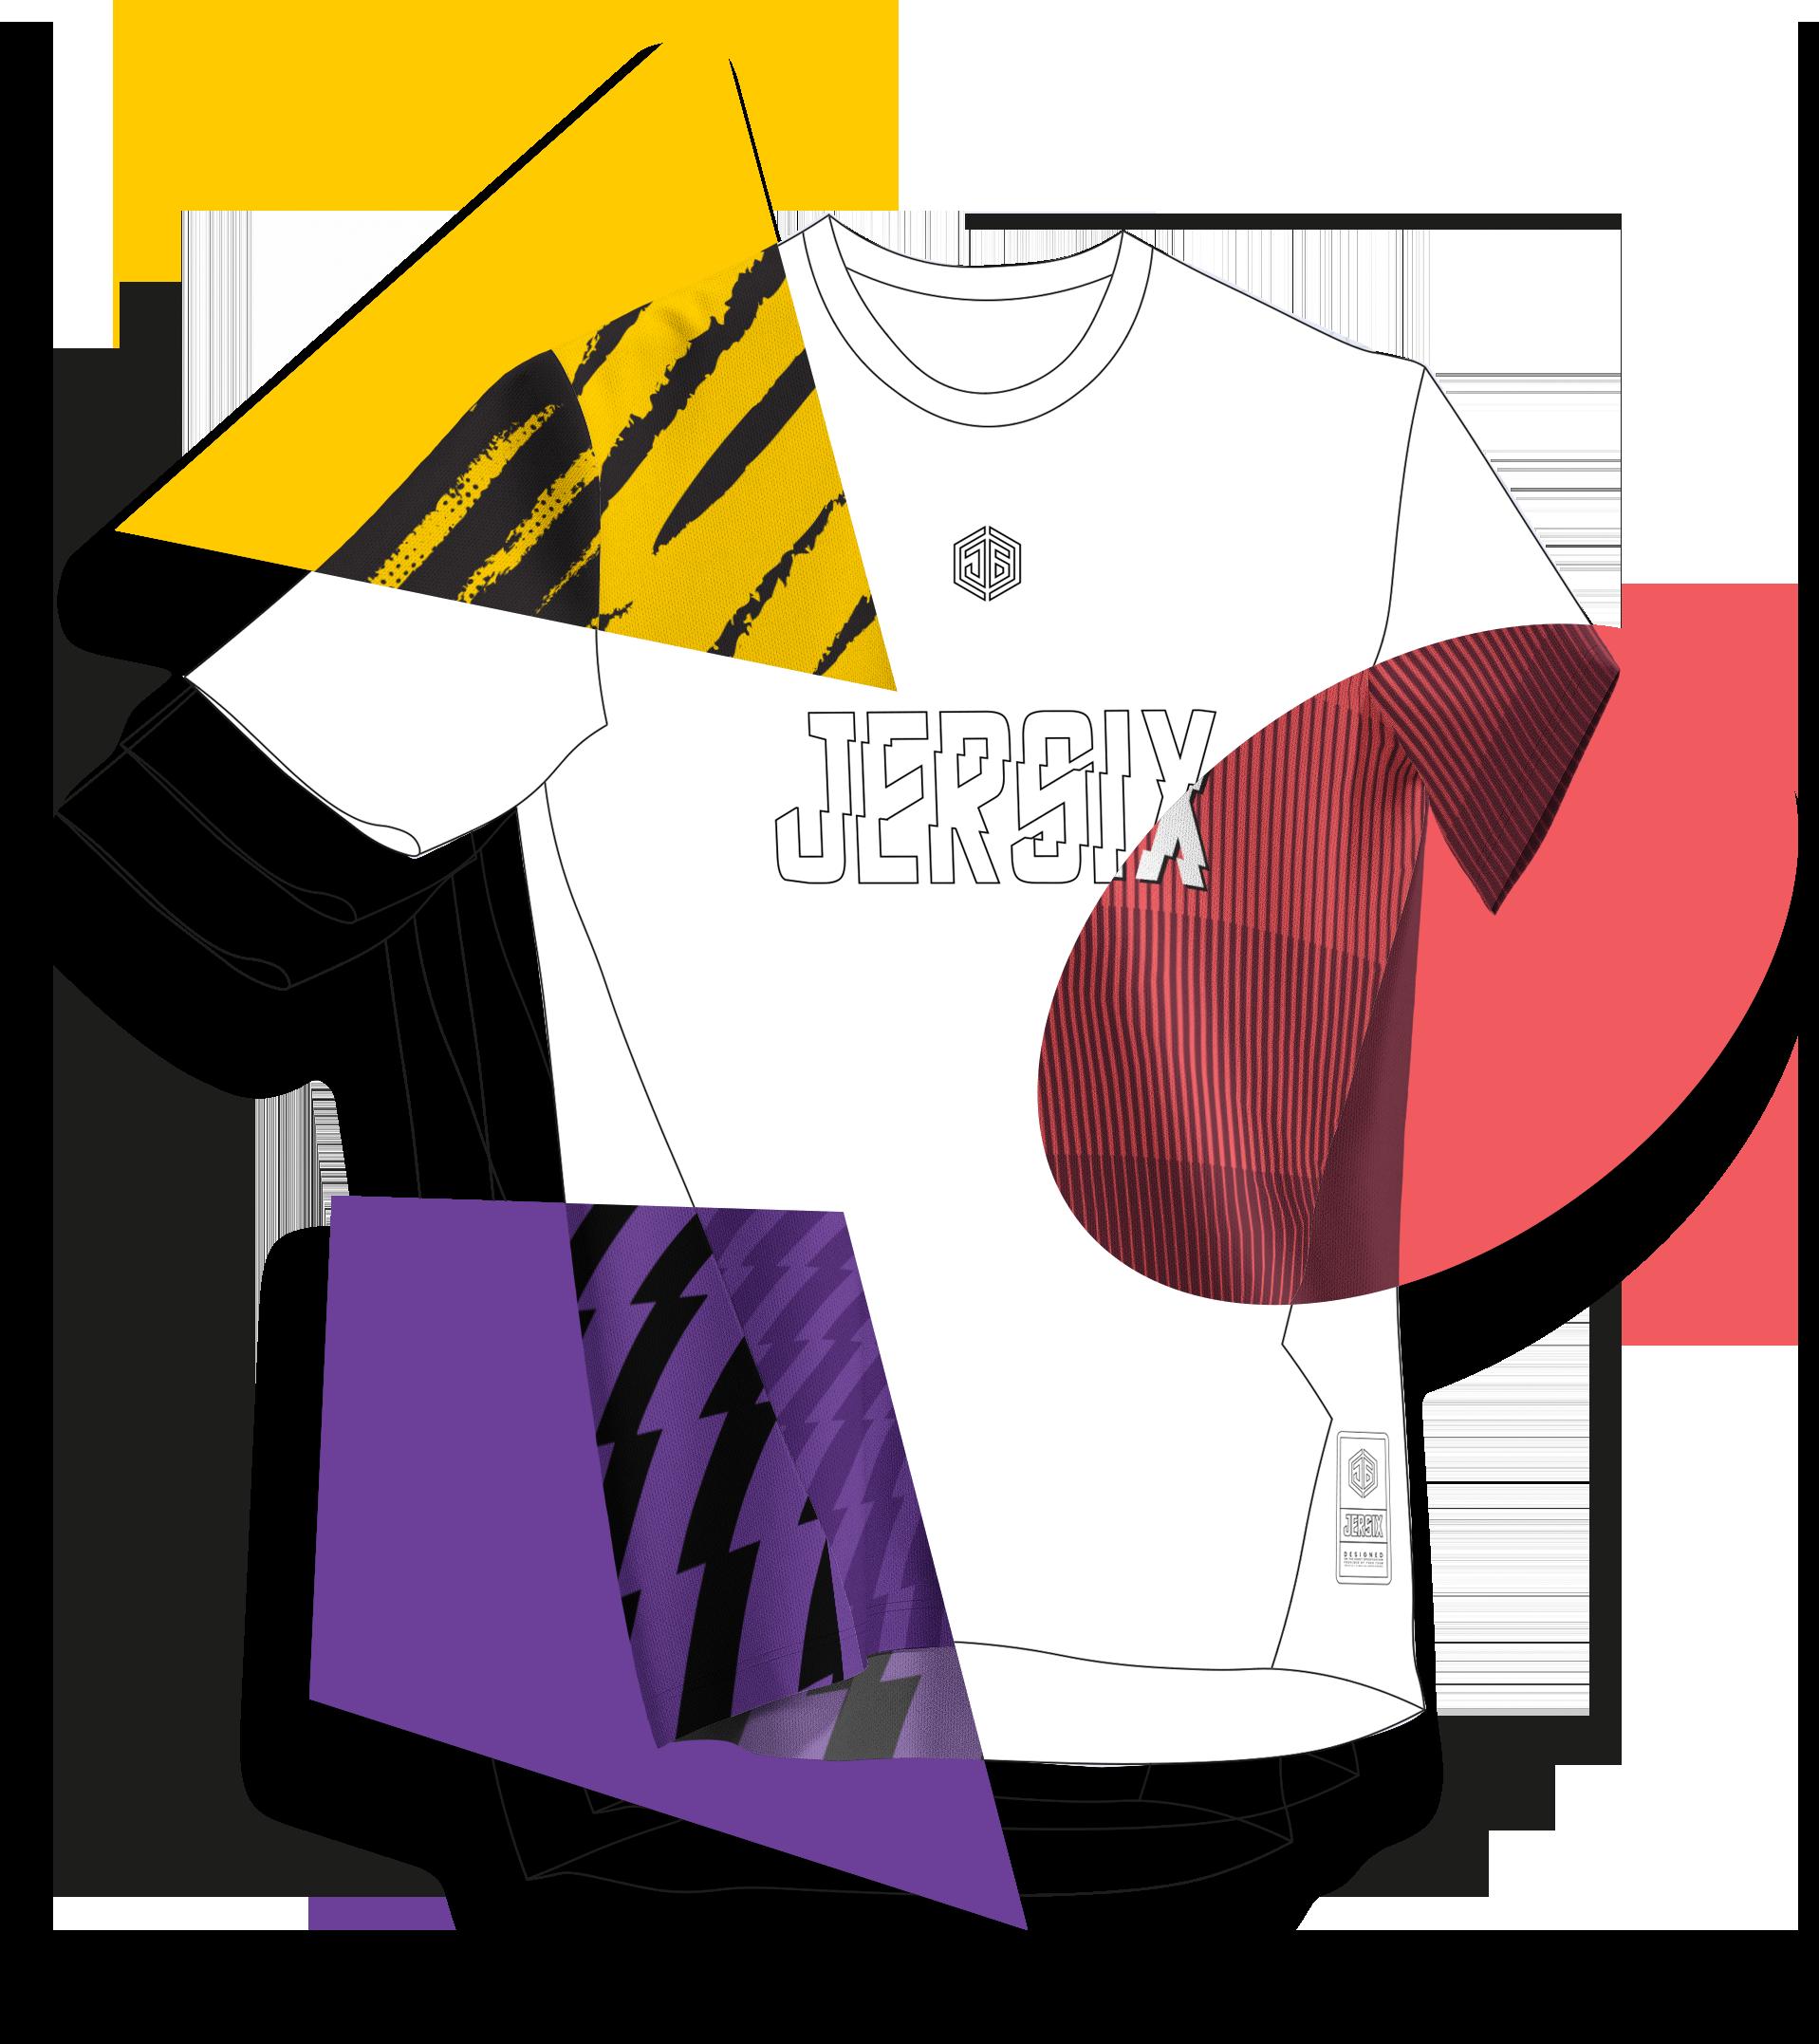 X-SHIRT-t-shirt-personalized-t-shirt